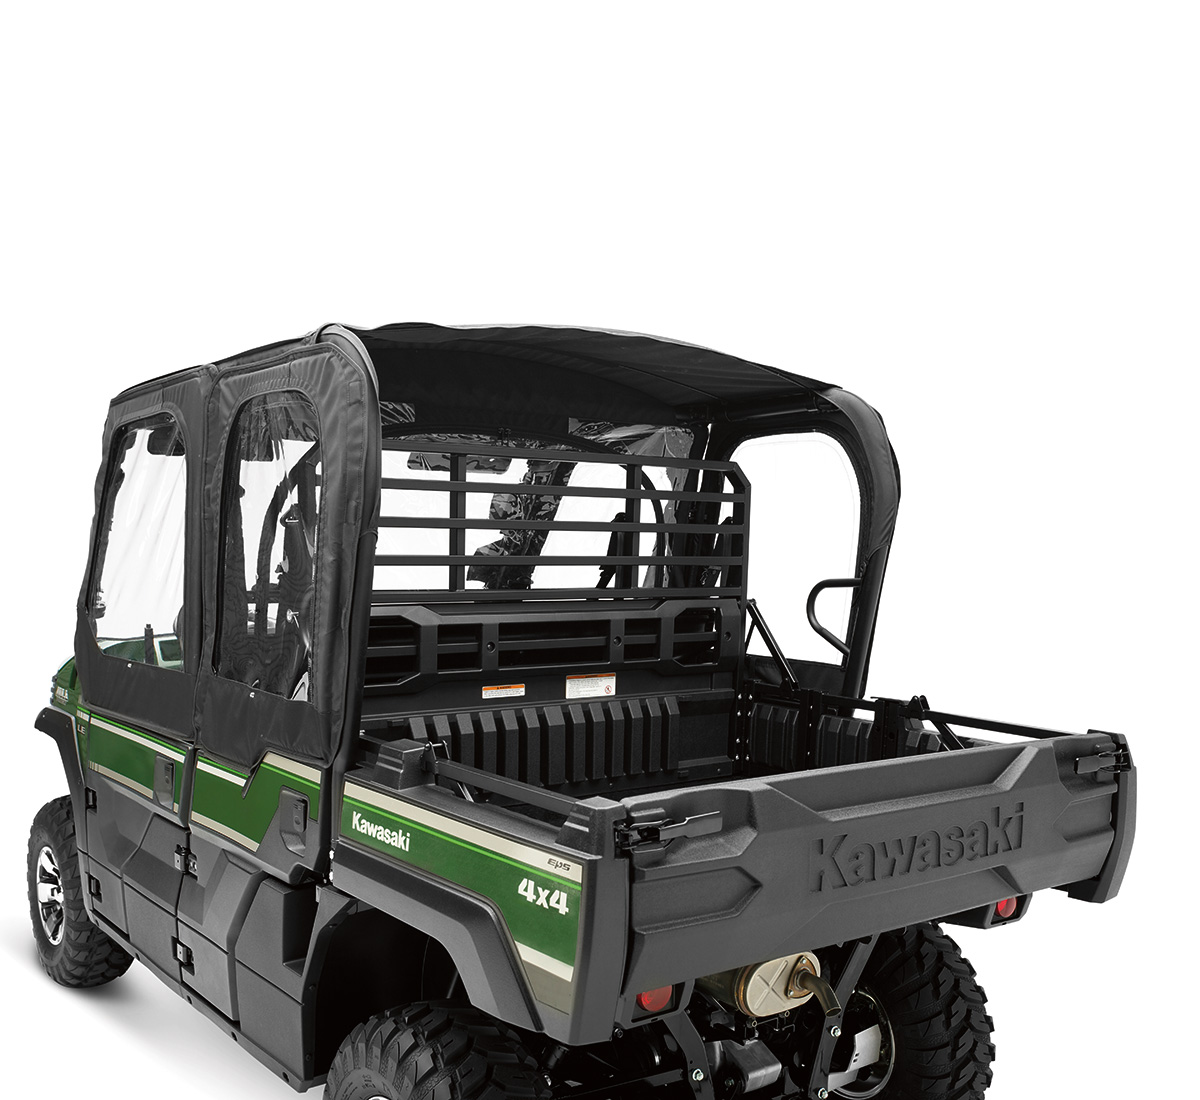 Kawasaki Mule Pro Fxt Cab